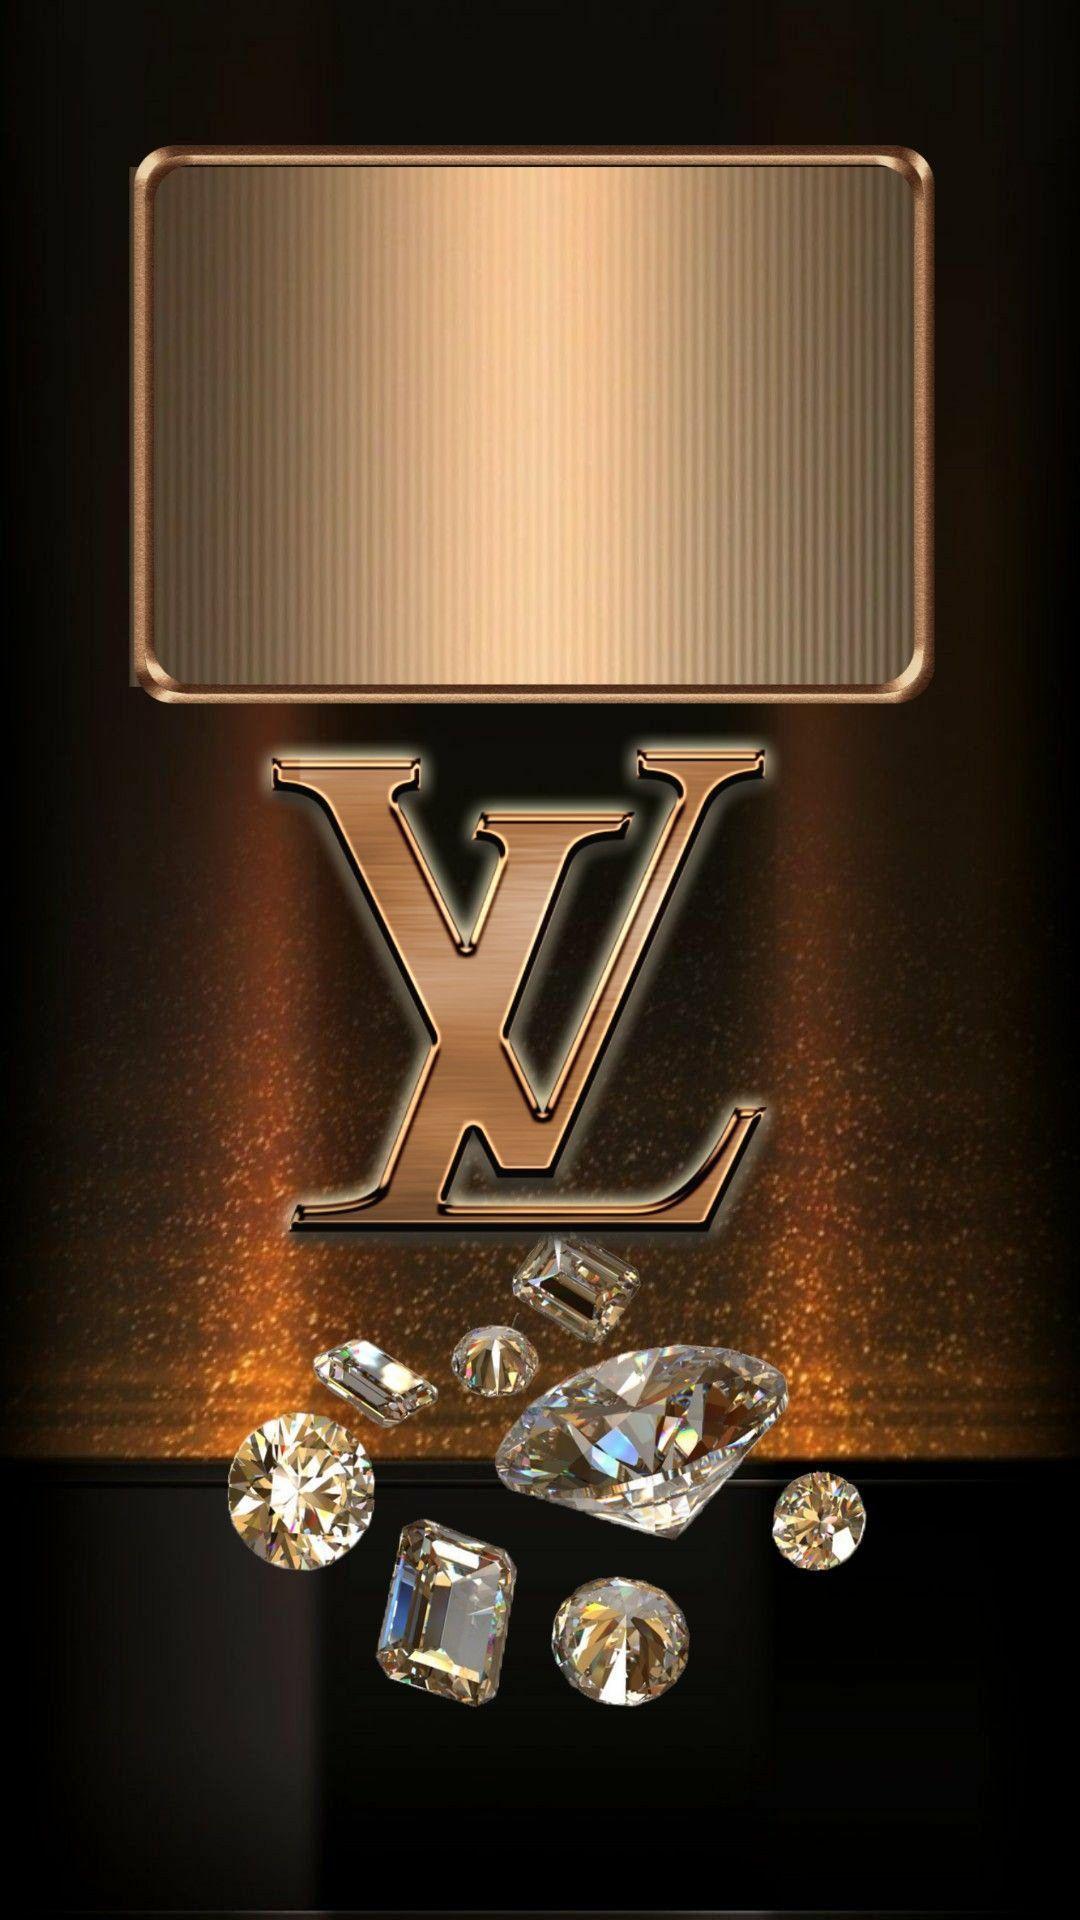 Louis Vuitton rose gold wallpaper -